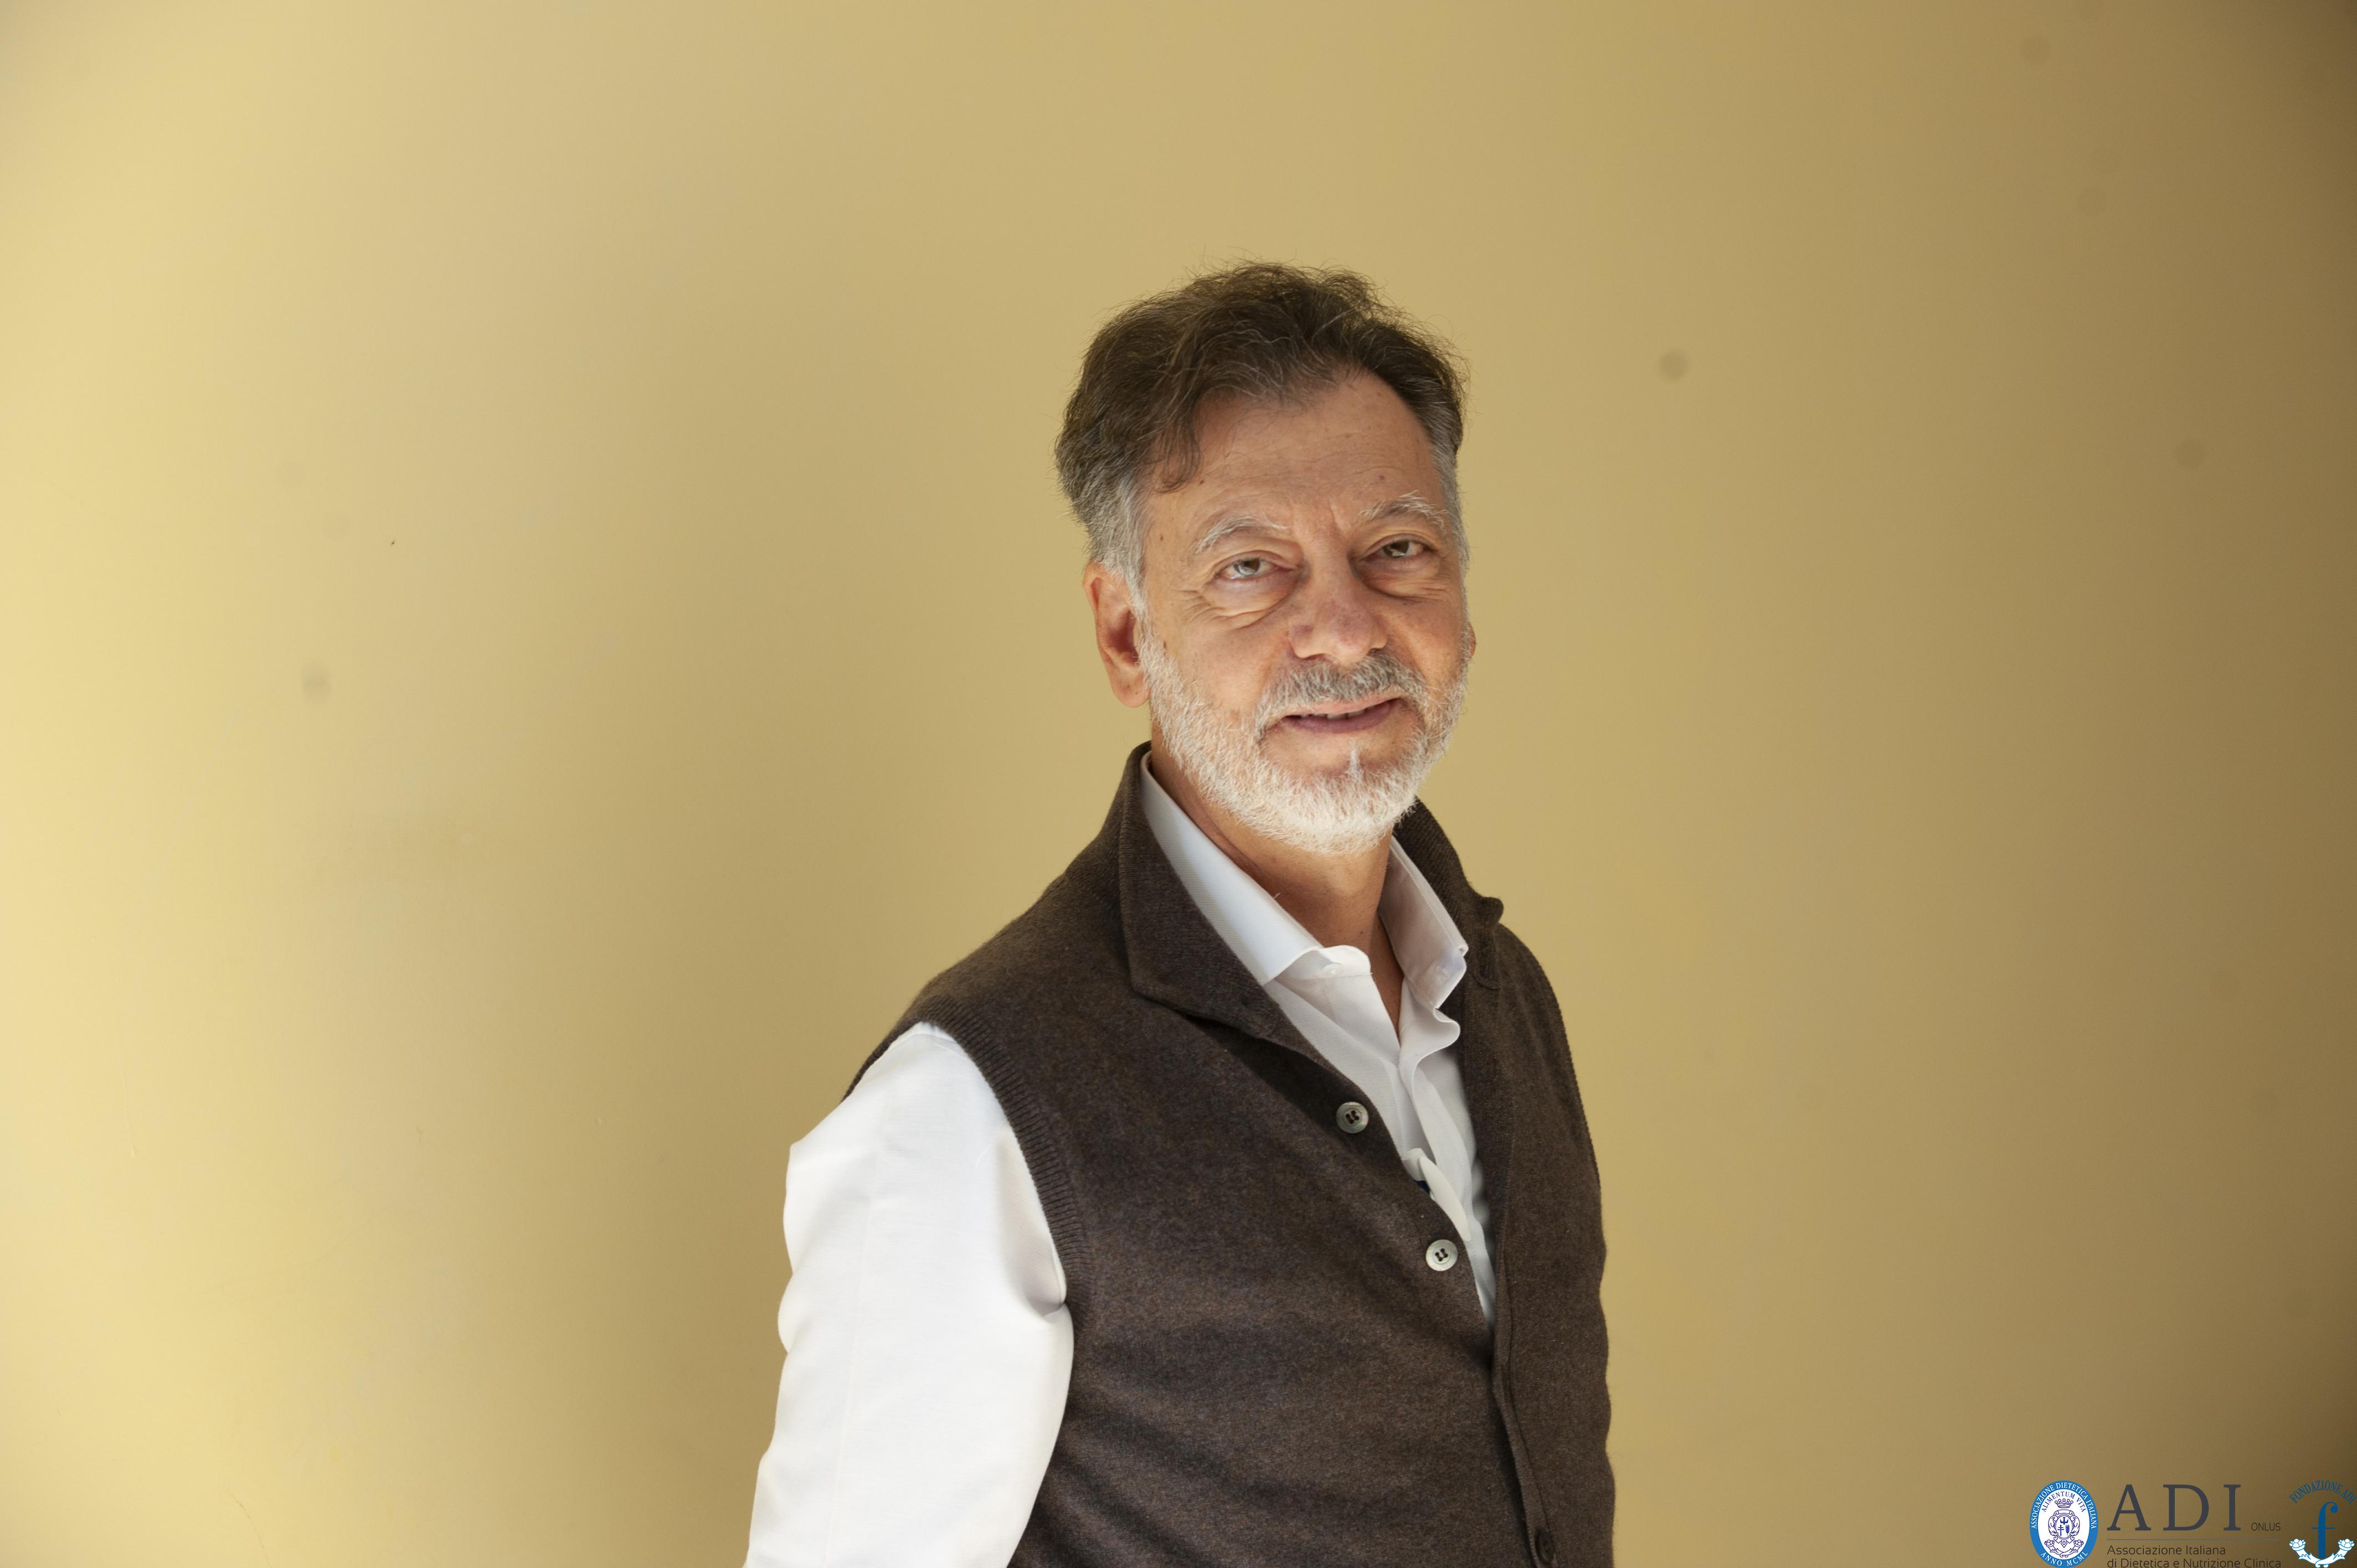 Rando Giuseppe